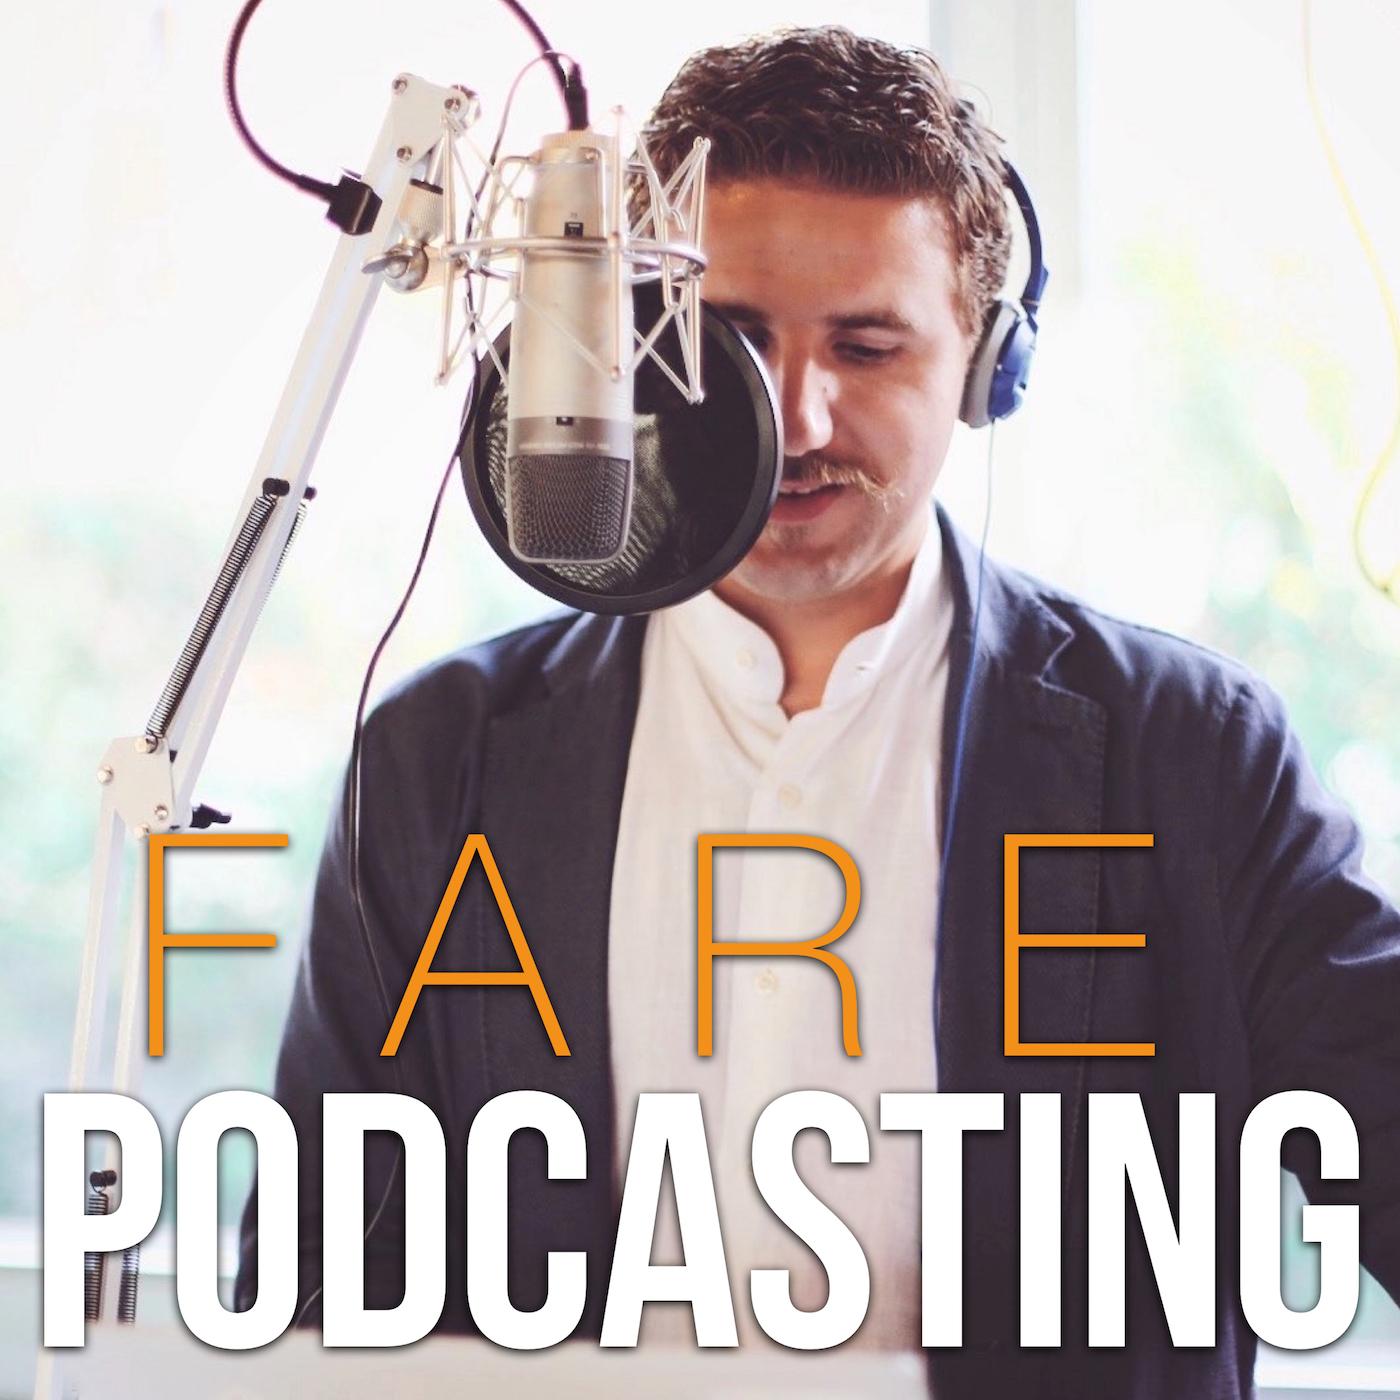 Il podcast allunga la vita - Elena Bizzotto - Fare Podcasting